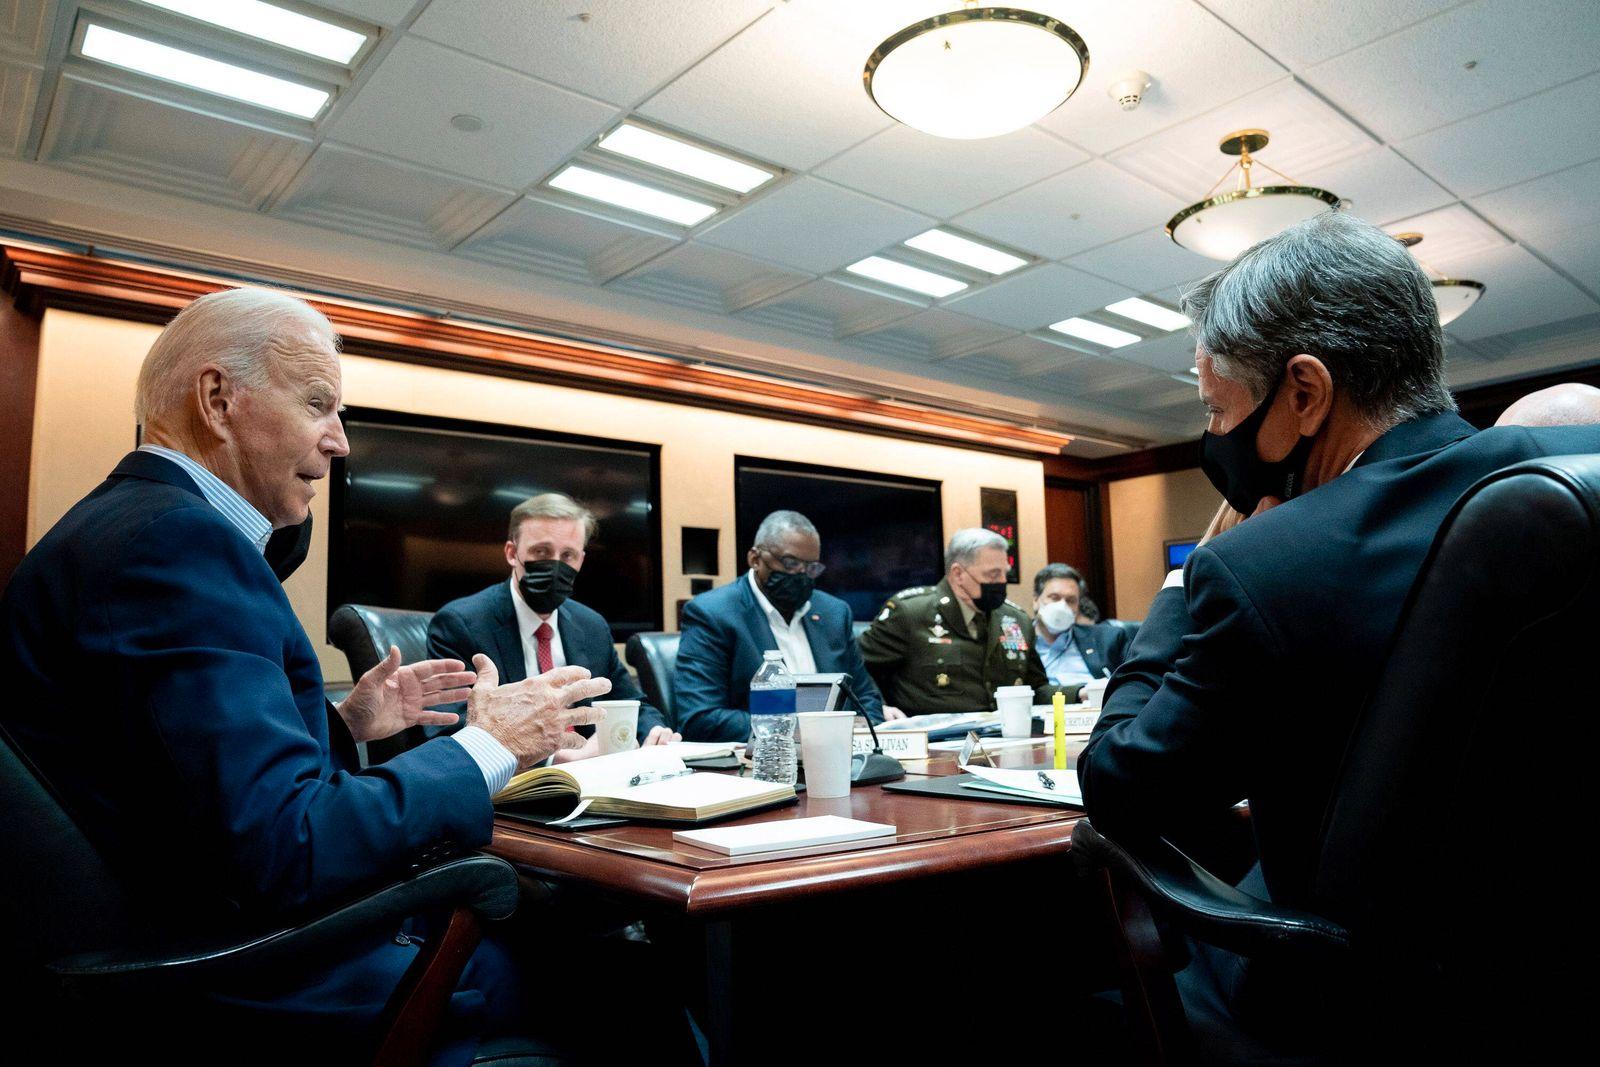 News Bilder des Tages USA, Joe Biden Pressestatement nach Treffen mit nationalem Sicherheitsrat zur Lage in Afghanistan